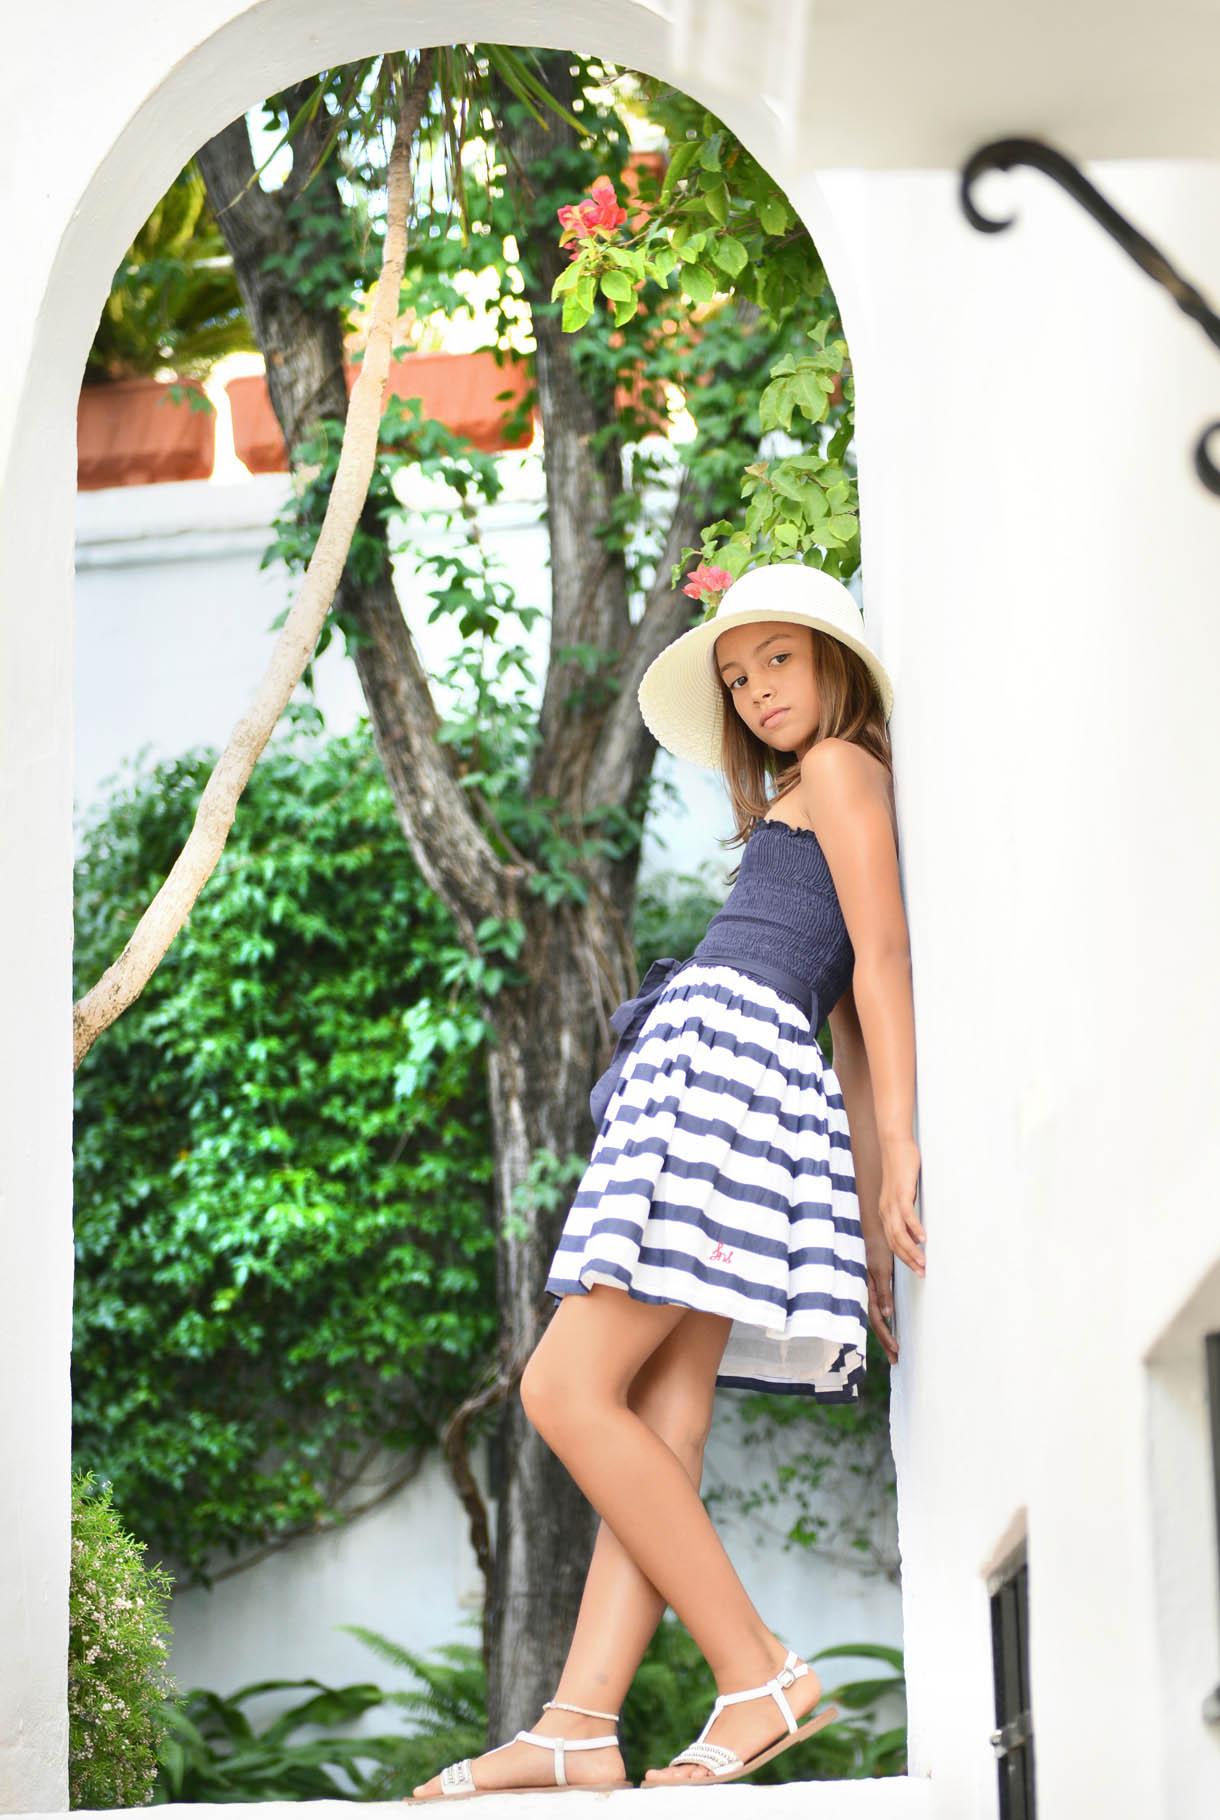 marbella fotografos de moda infantil